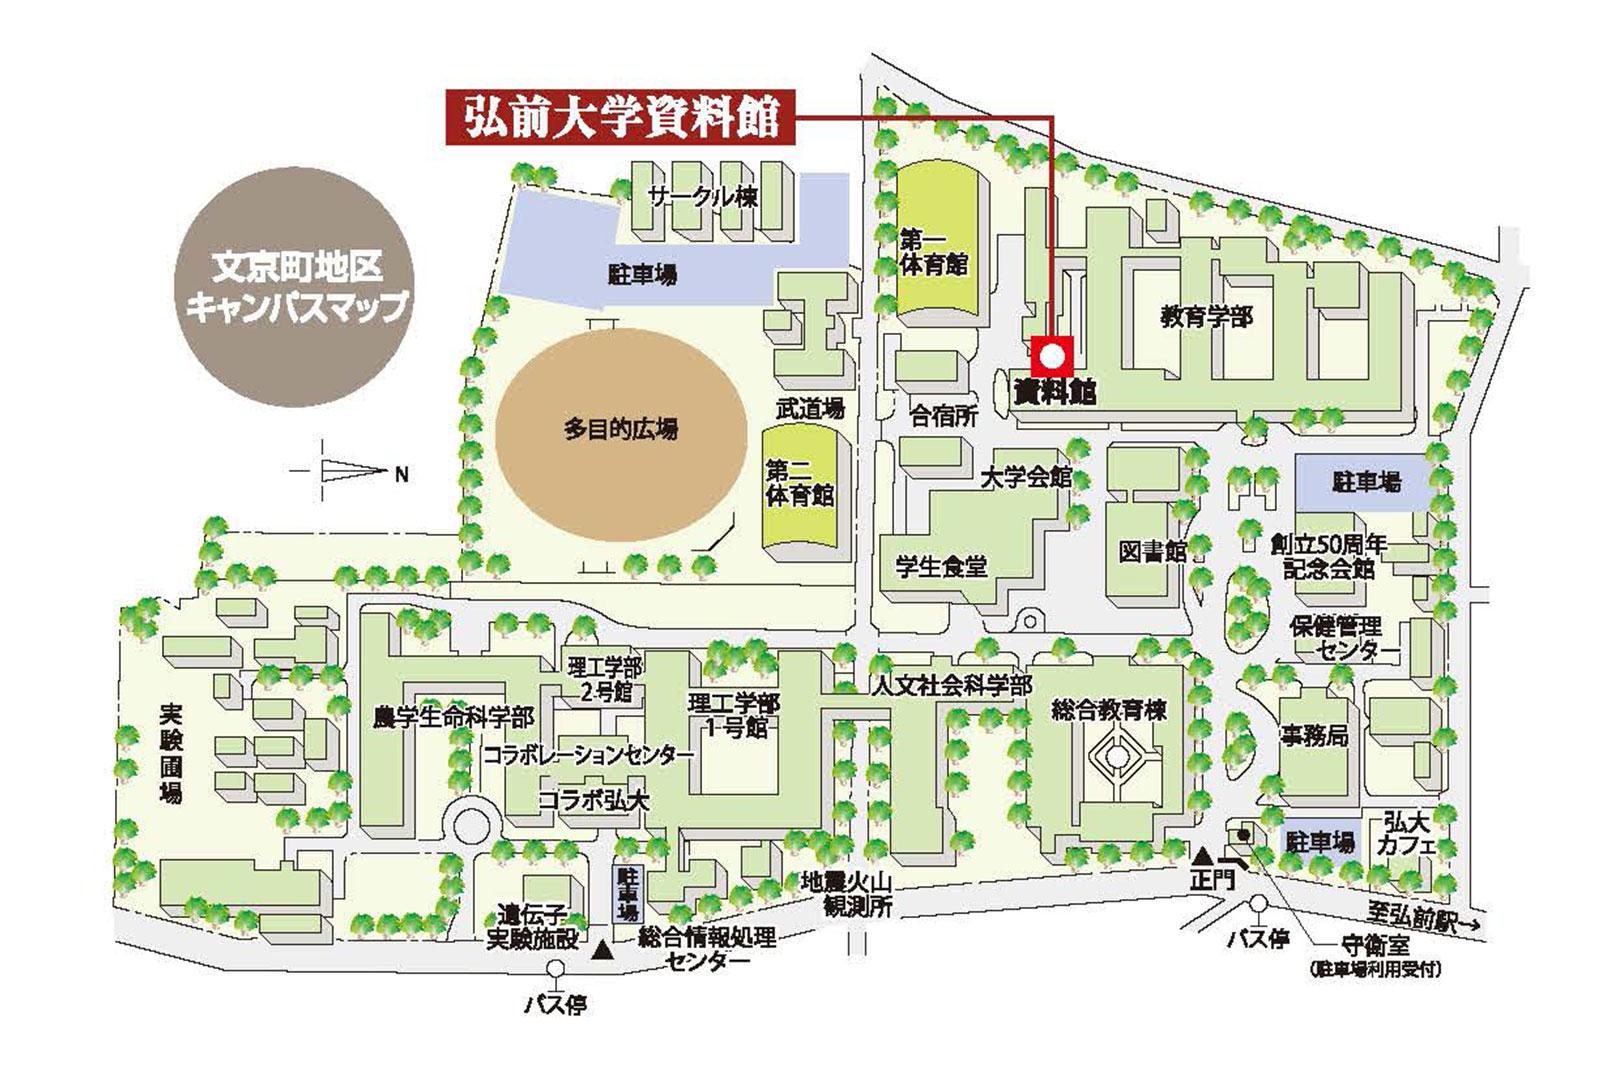 弘前大学資料館マップ